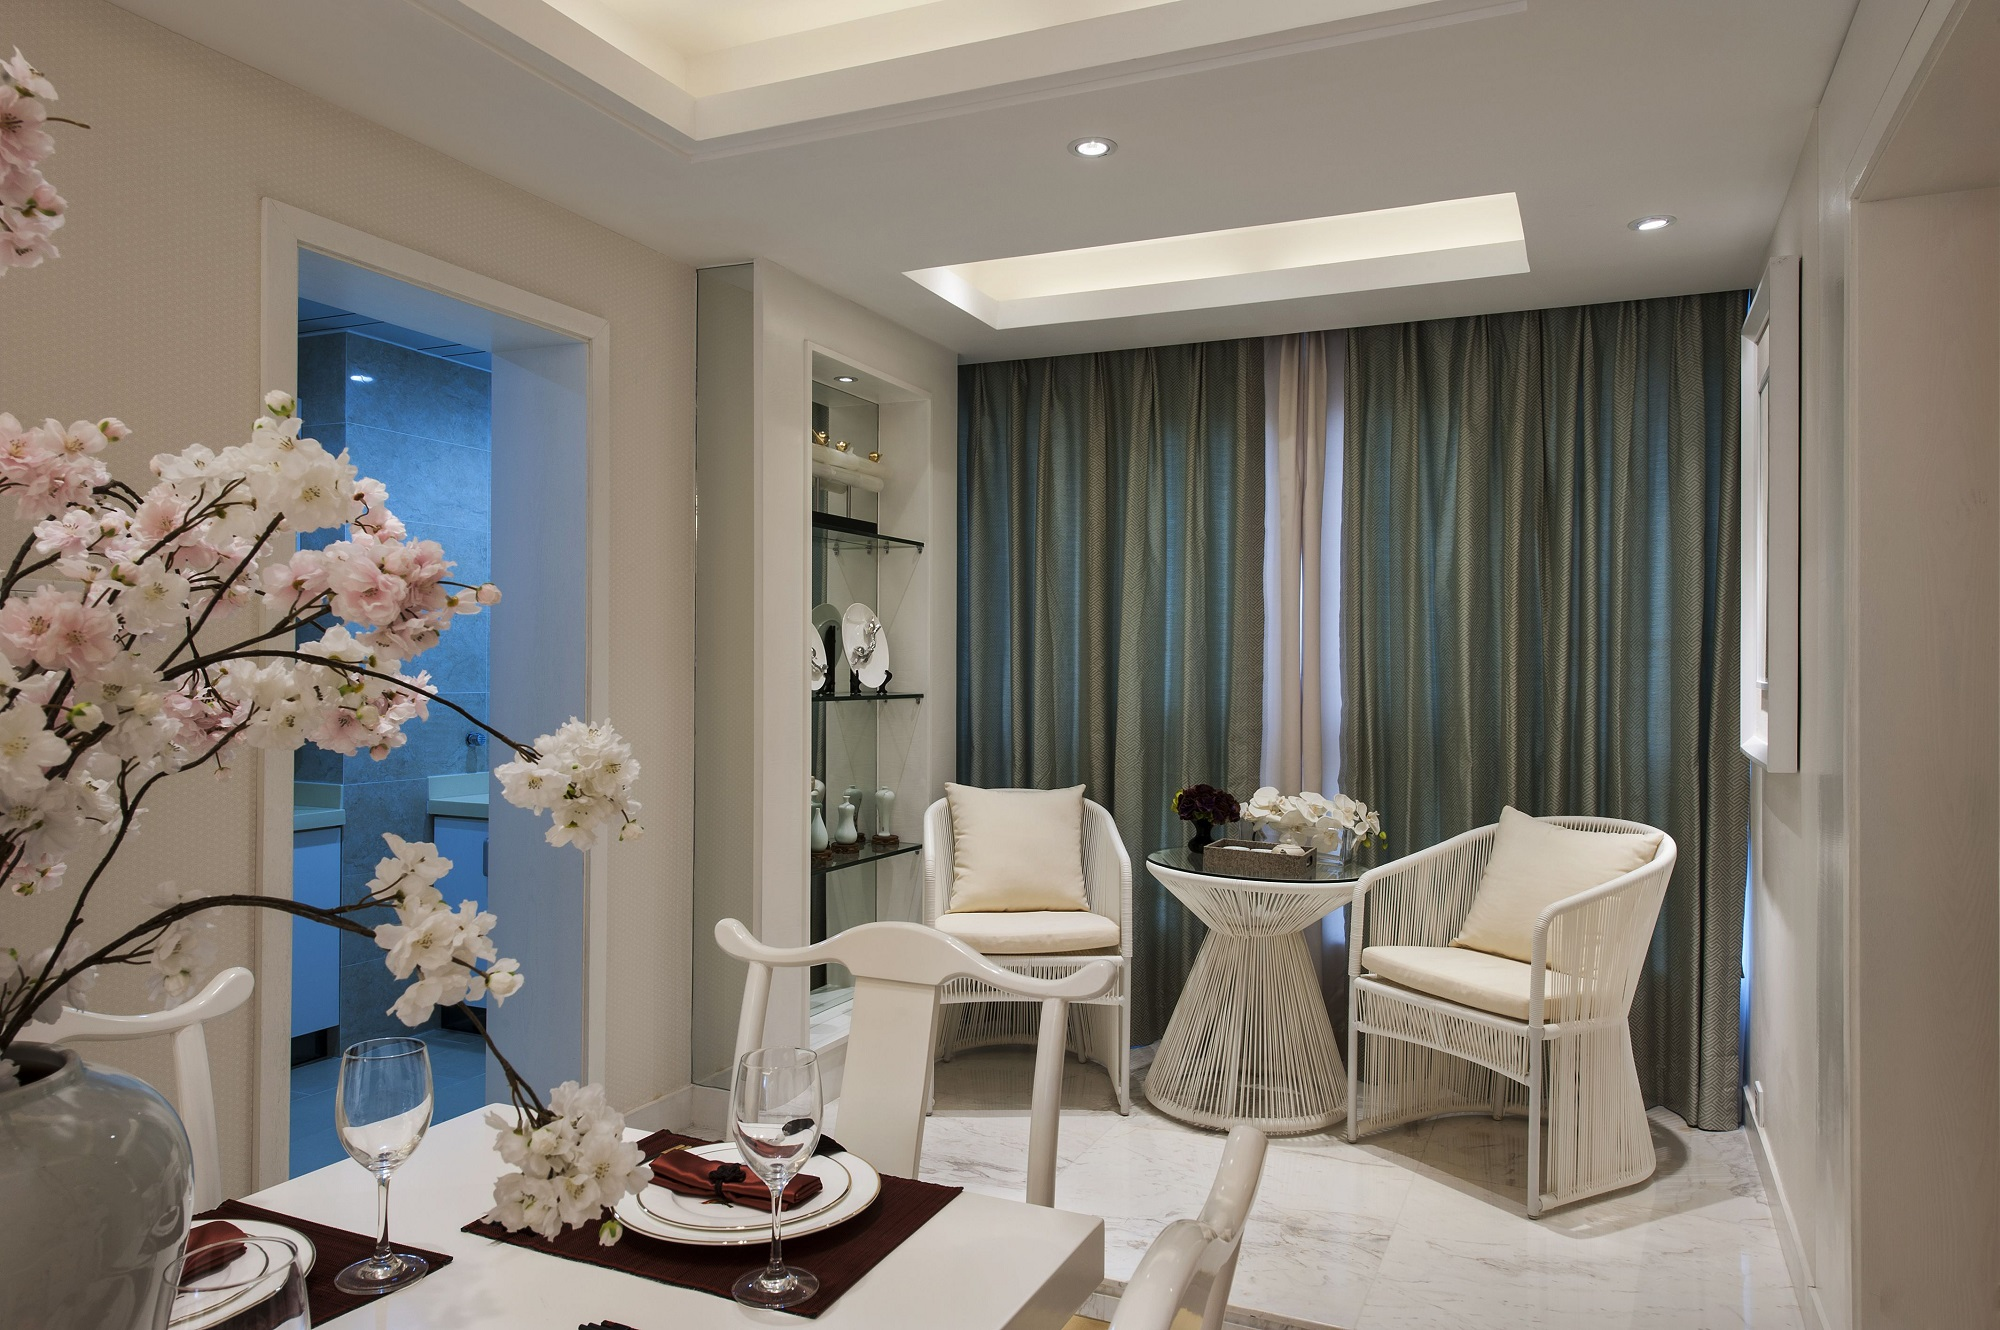 阳台与餐厅相连,装扮成简单的休息区,品茶或者休闲都是非常不错的空间。